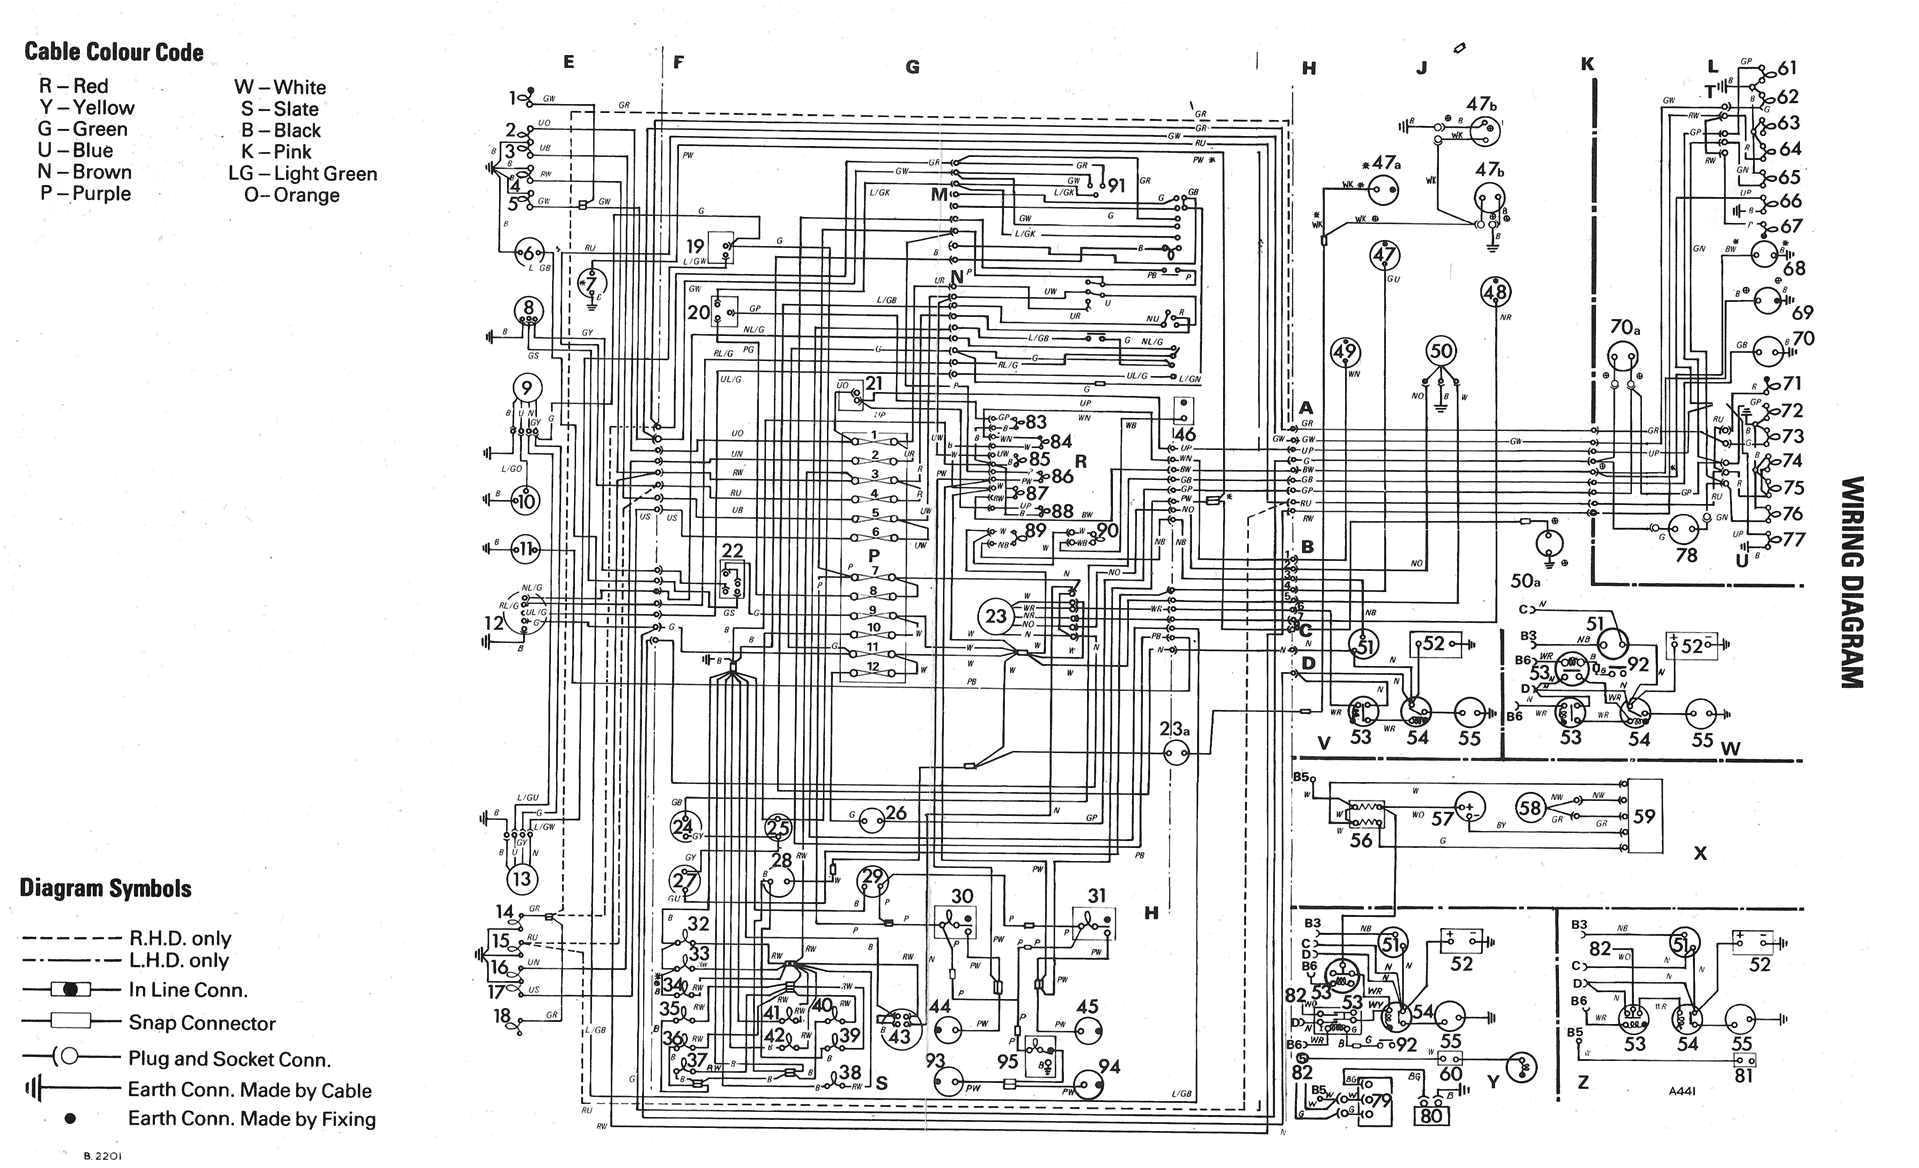 electrical wiring diagram of volkswagen golf mk1 jpg